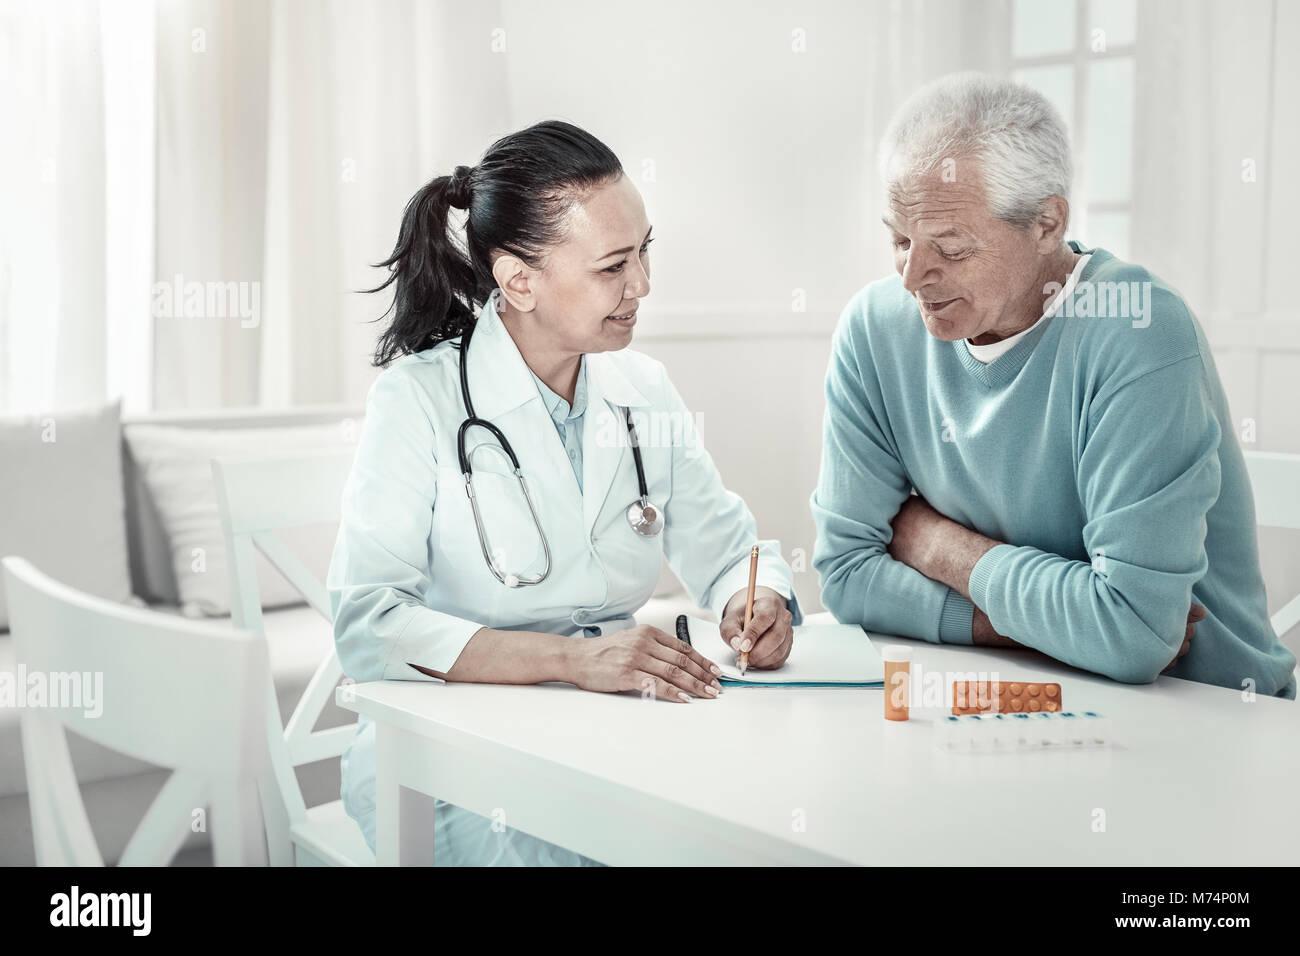 Ziemlich angenehm Krankenschwester Ratschläge geben und es zu schreiben. Stockbild